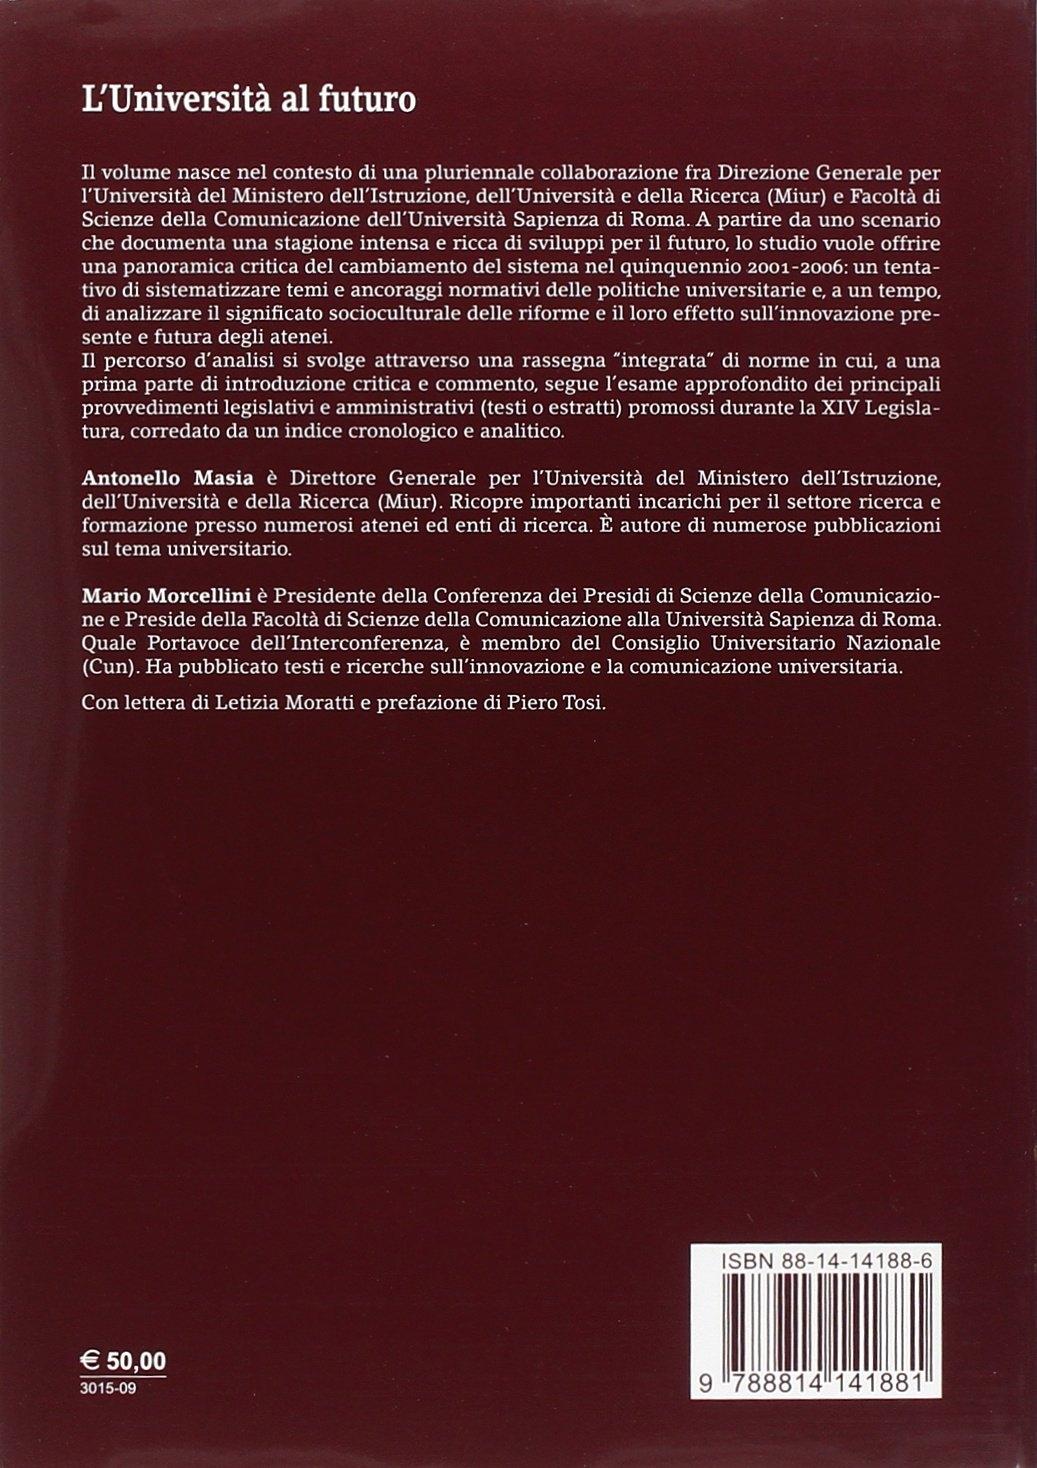 L'università al futuro. Sistema, progetto, innovazione. Con CD-ROM